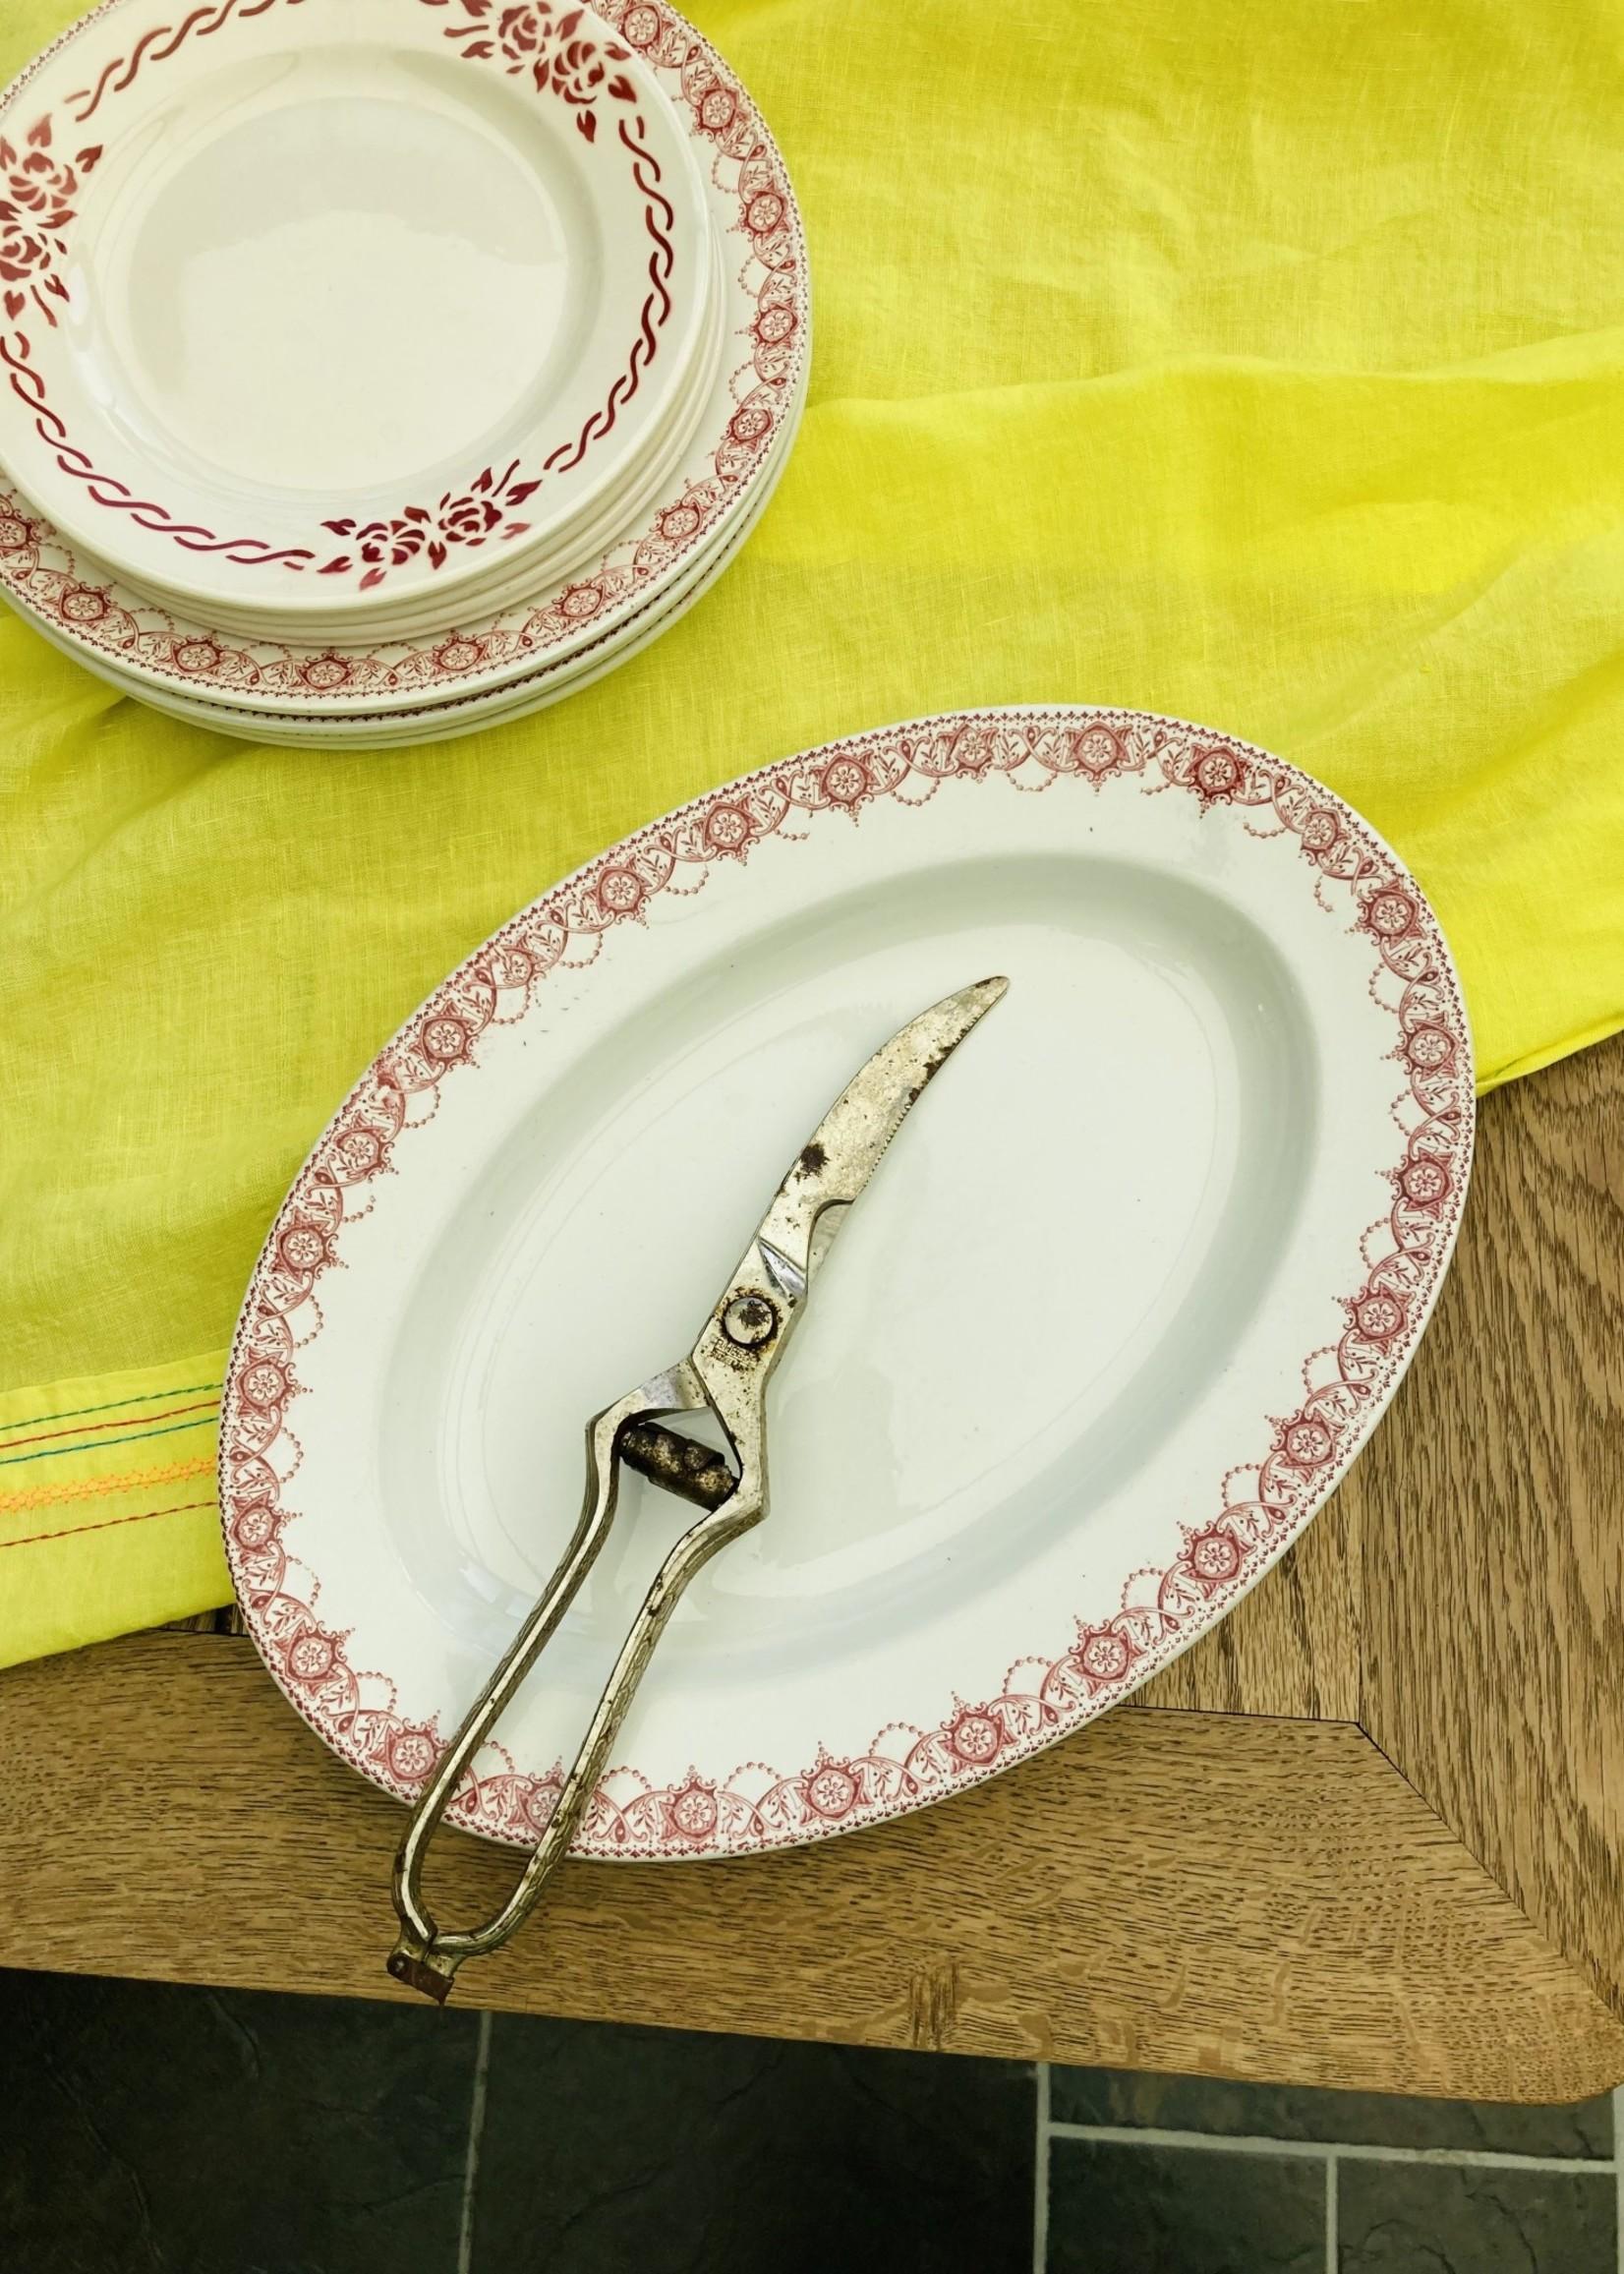 Oval Dish from Boch model Ramona